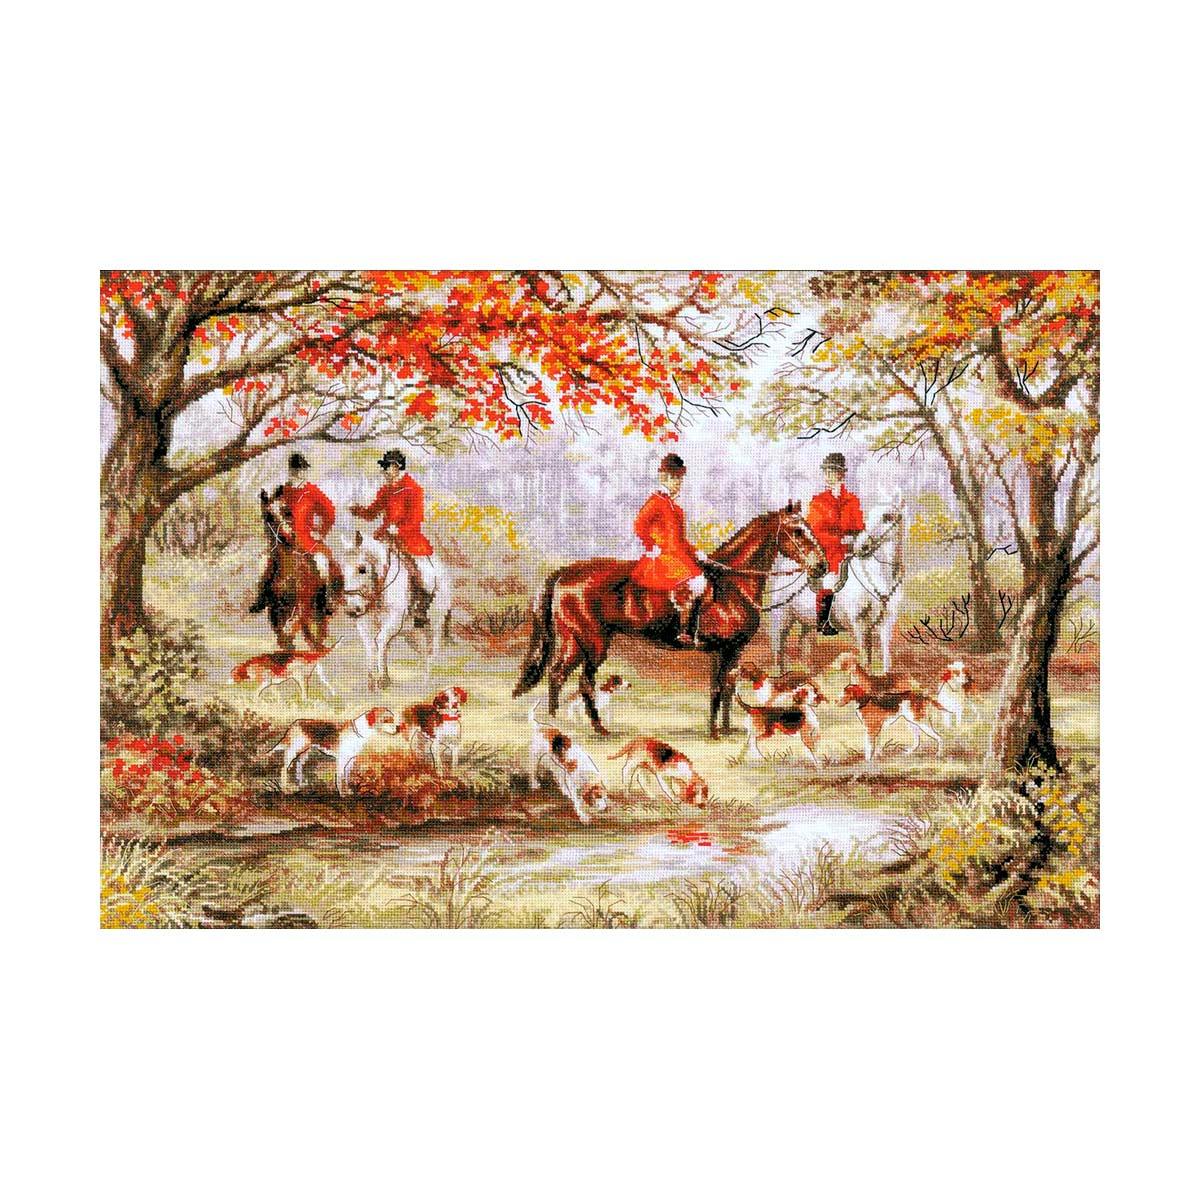 1431 Набор для вышивания Riolis 'Охота на лис', 60*40 см